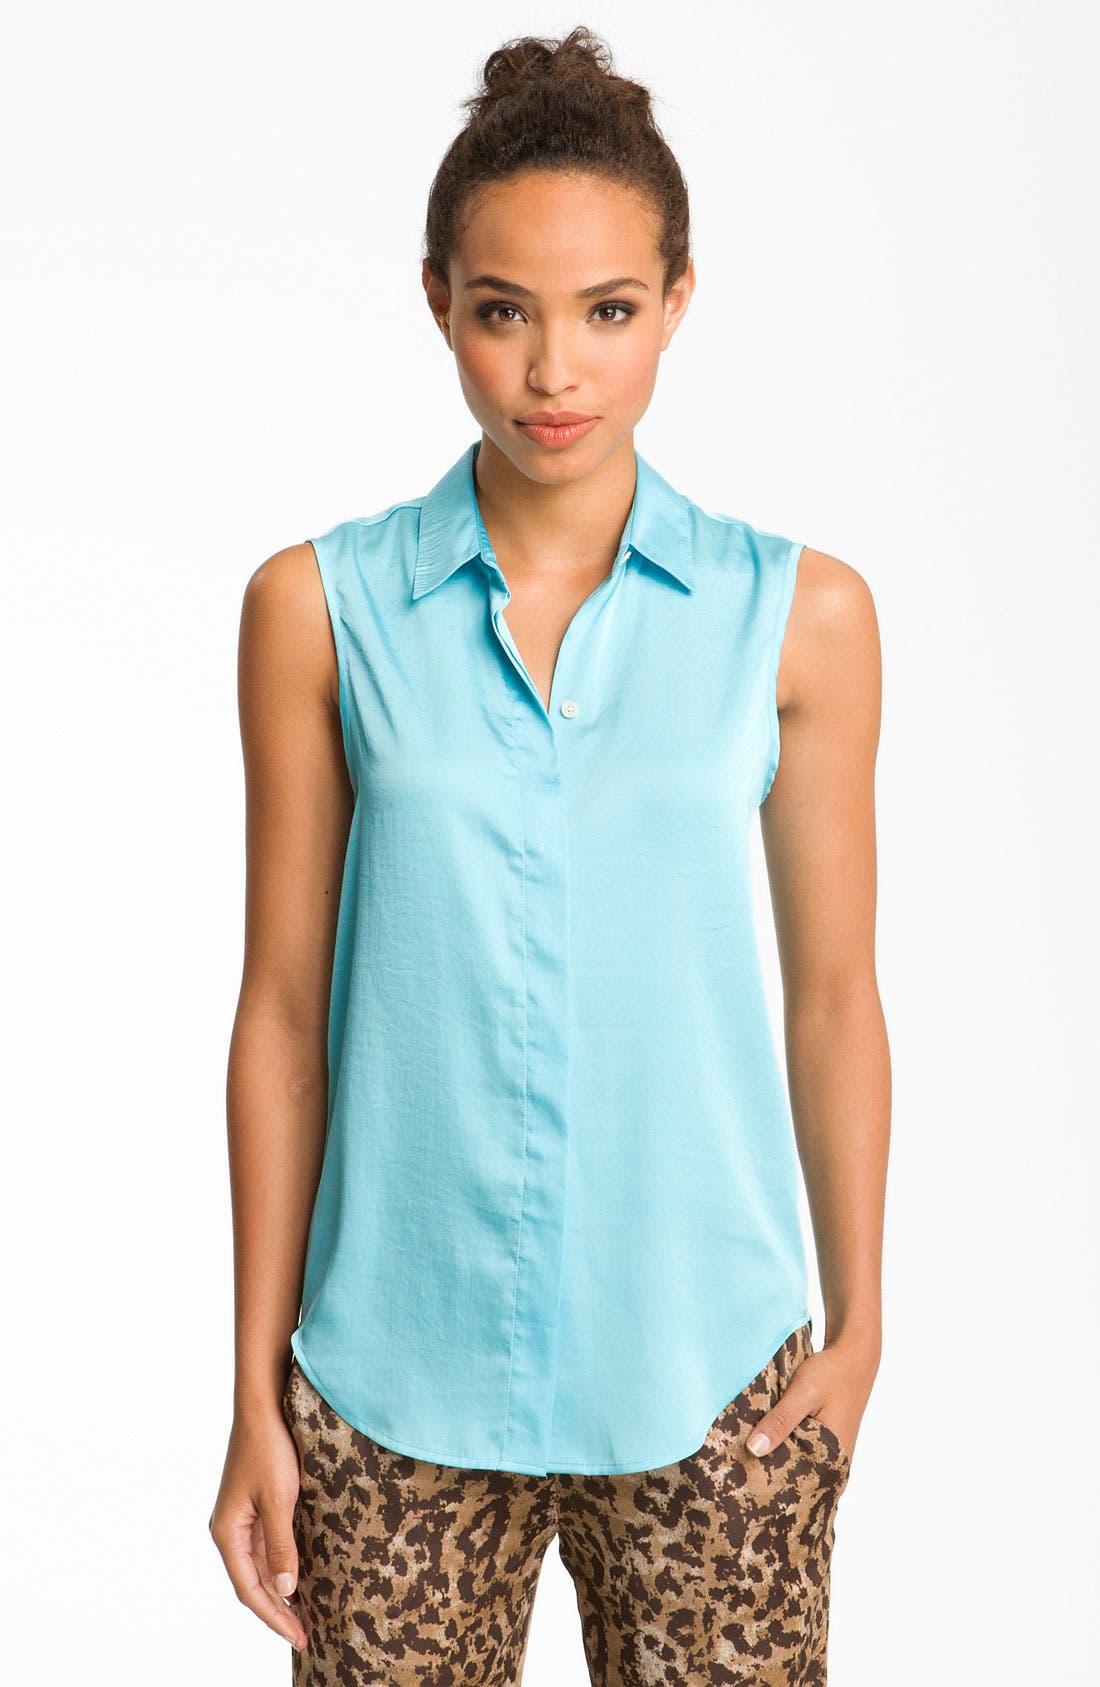 VINCE CAMUTO, Sleeveless Shirt, Main thumbnail 1, color, 440